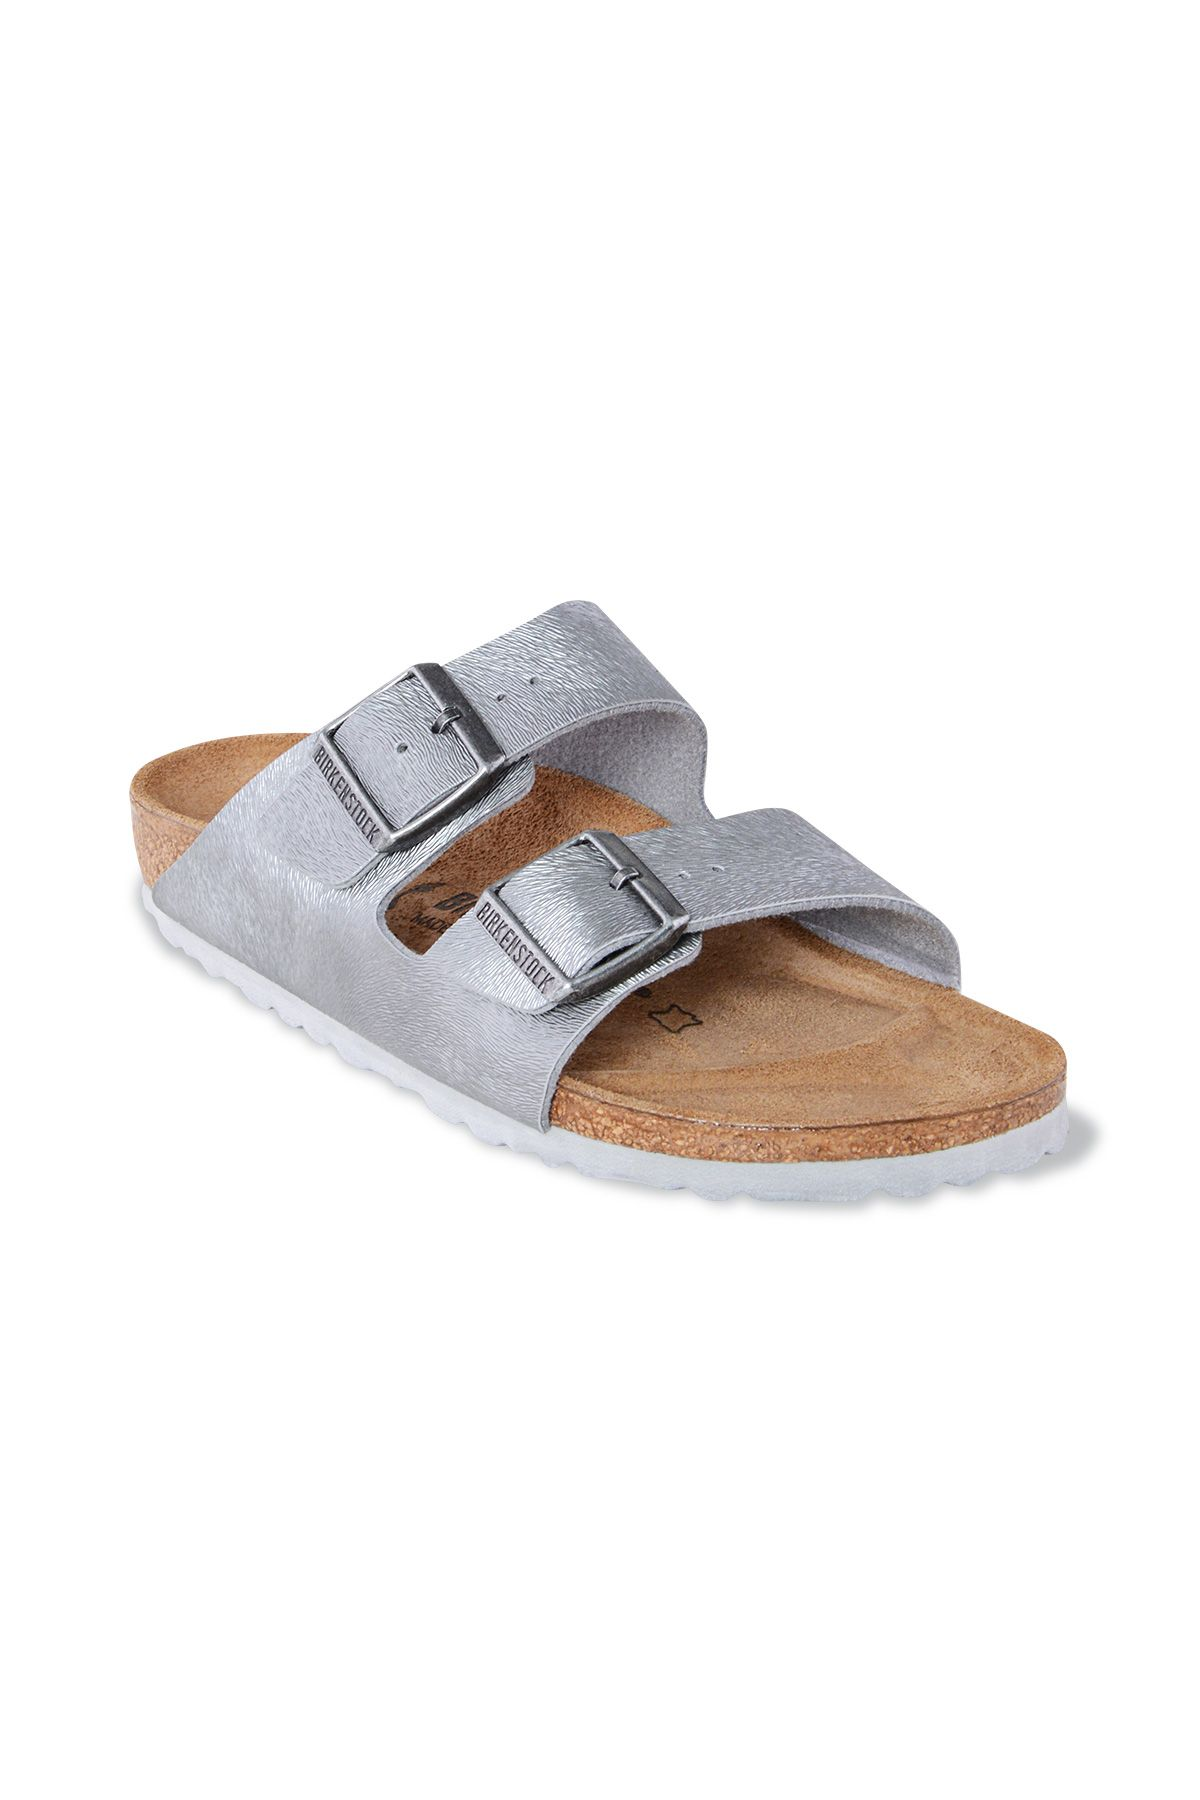 Birkenstock Arizona BS Women's Summer Slippers 1008690 Gray